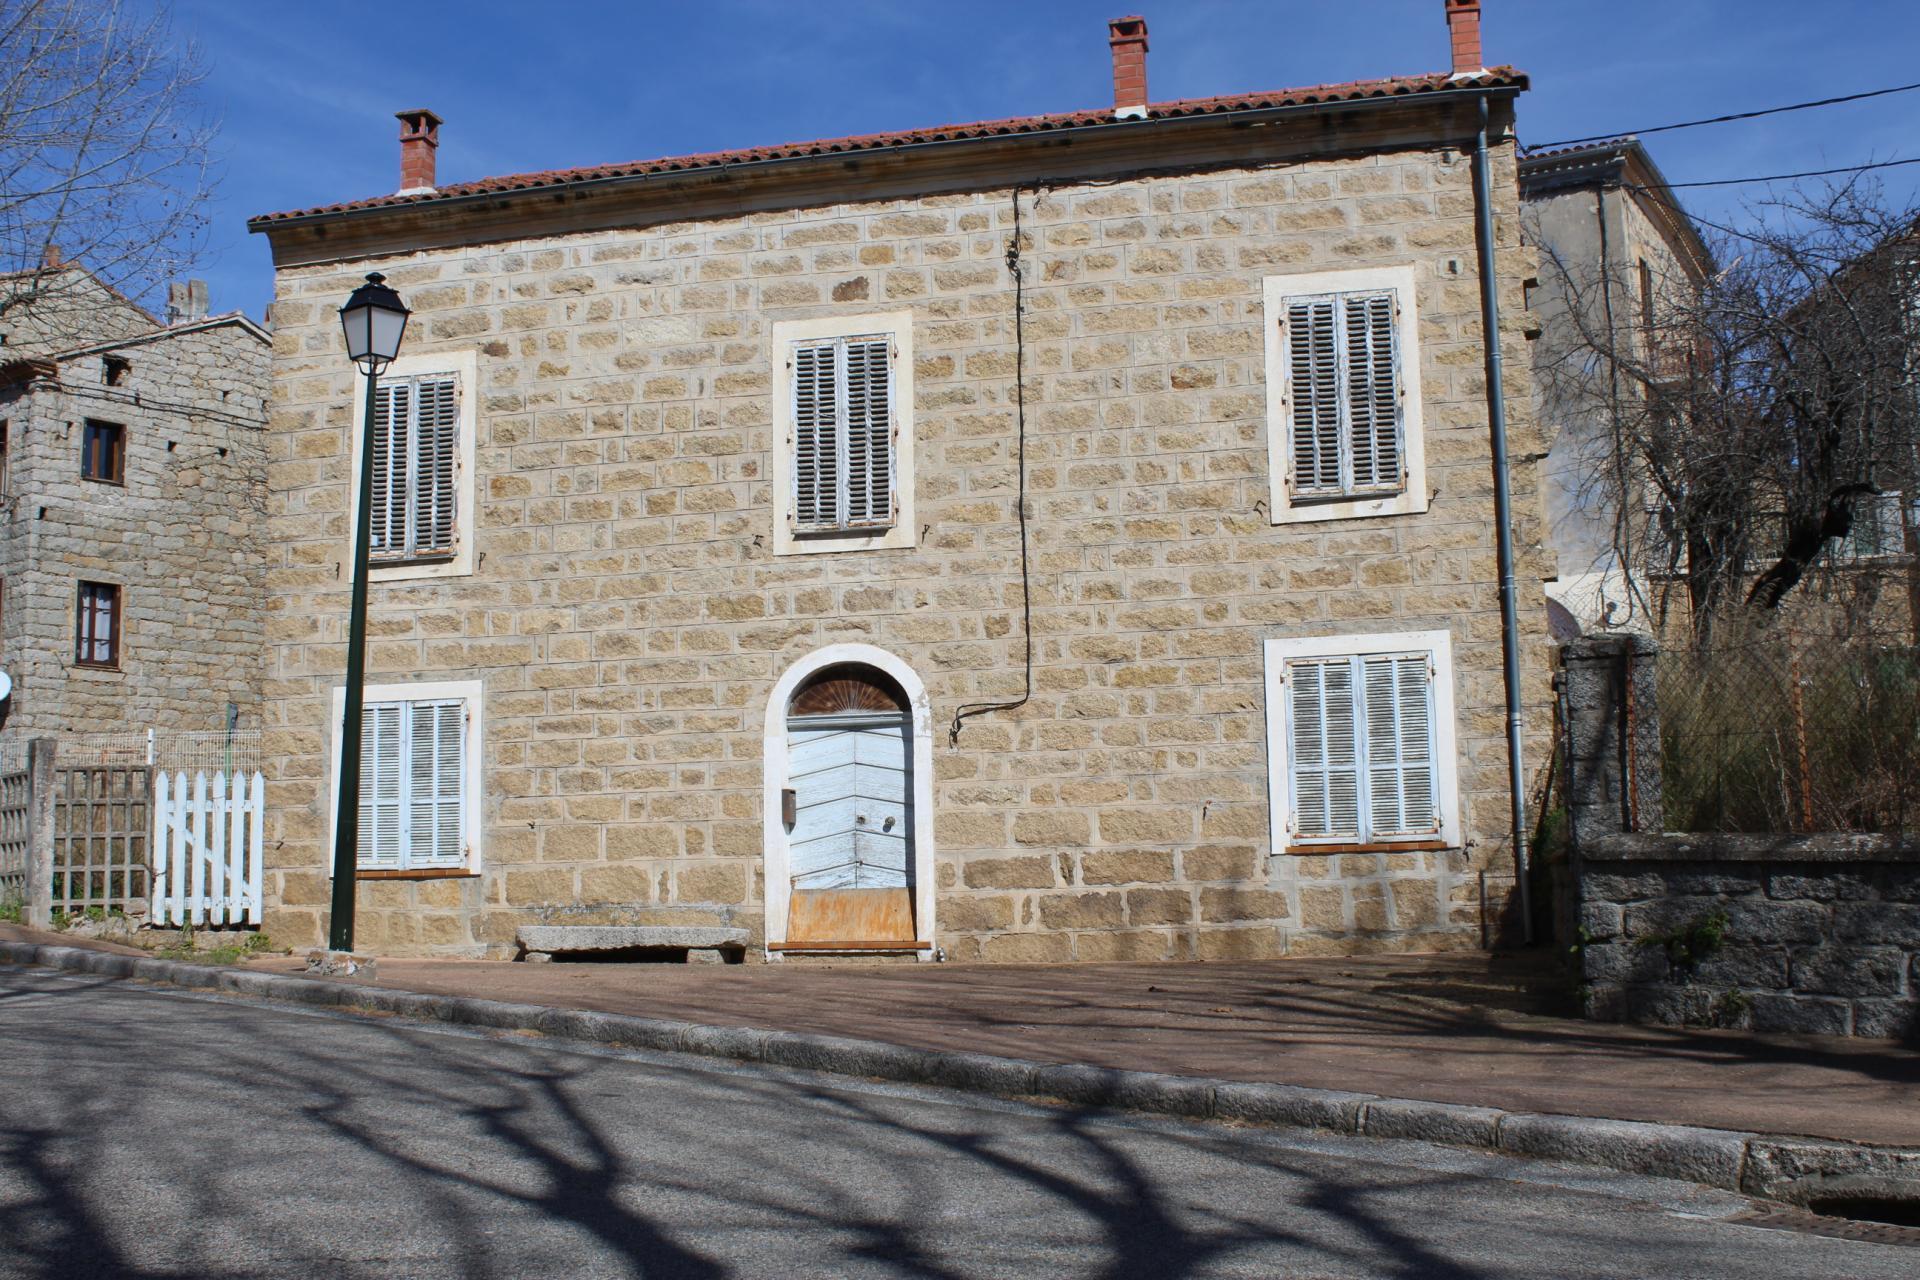 Vente et location de maison appartement terrain dans le for Ajaccio location maison